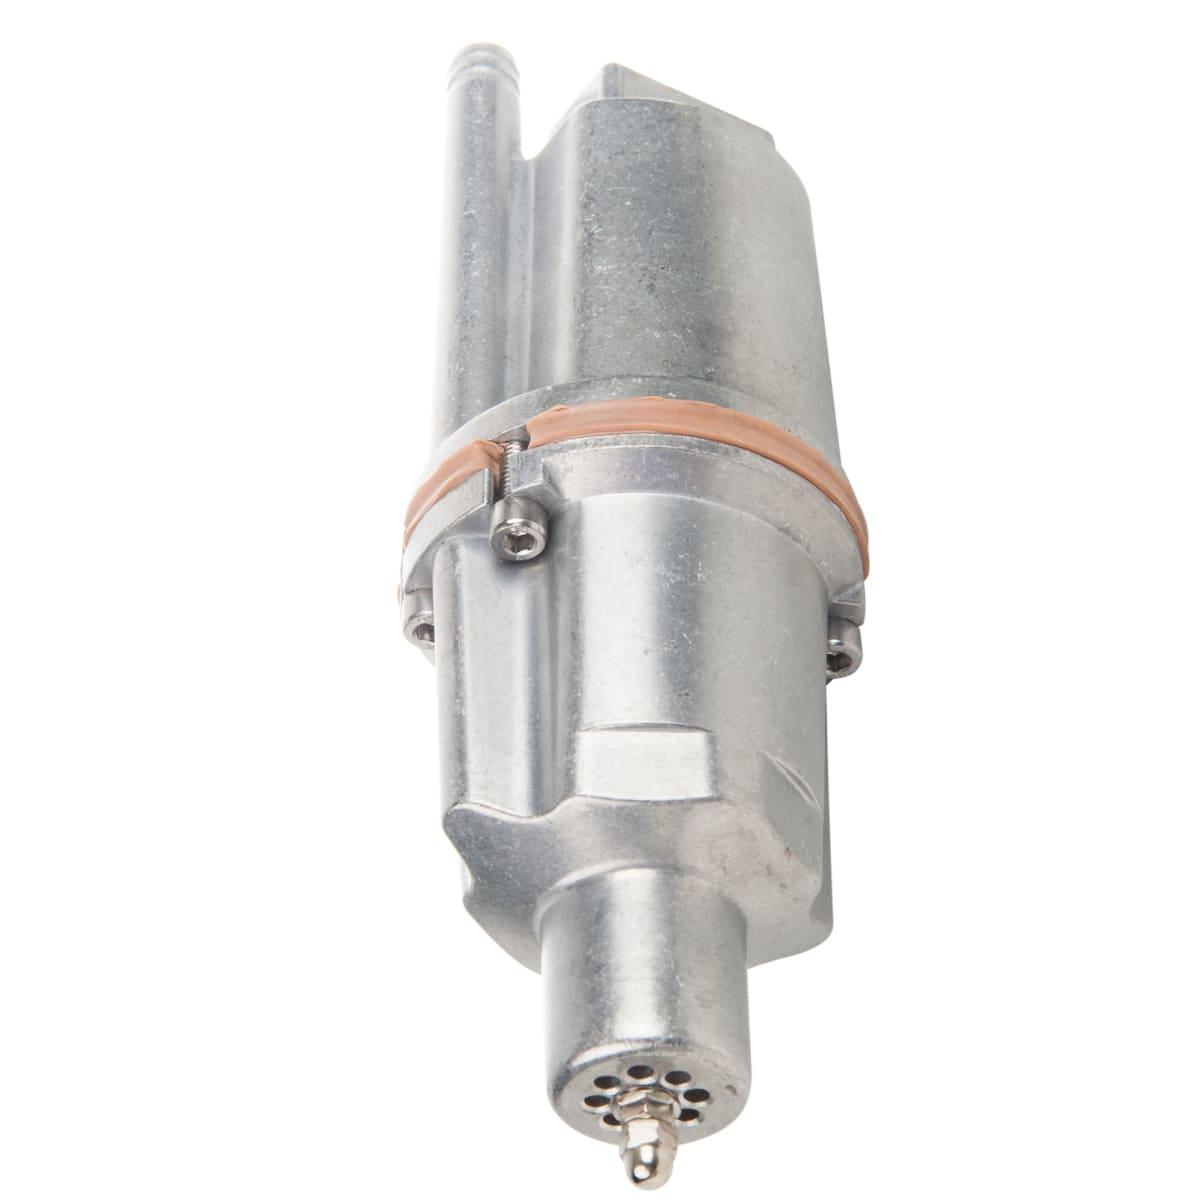 Насос садовый вибрационный Belamos BV012, кабель 25 м, 1000 л/час